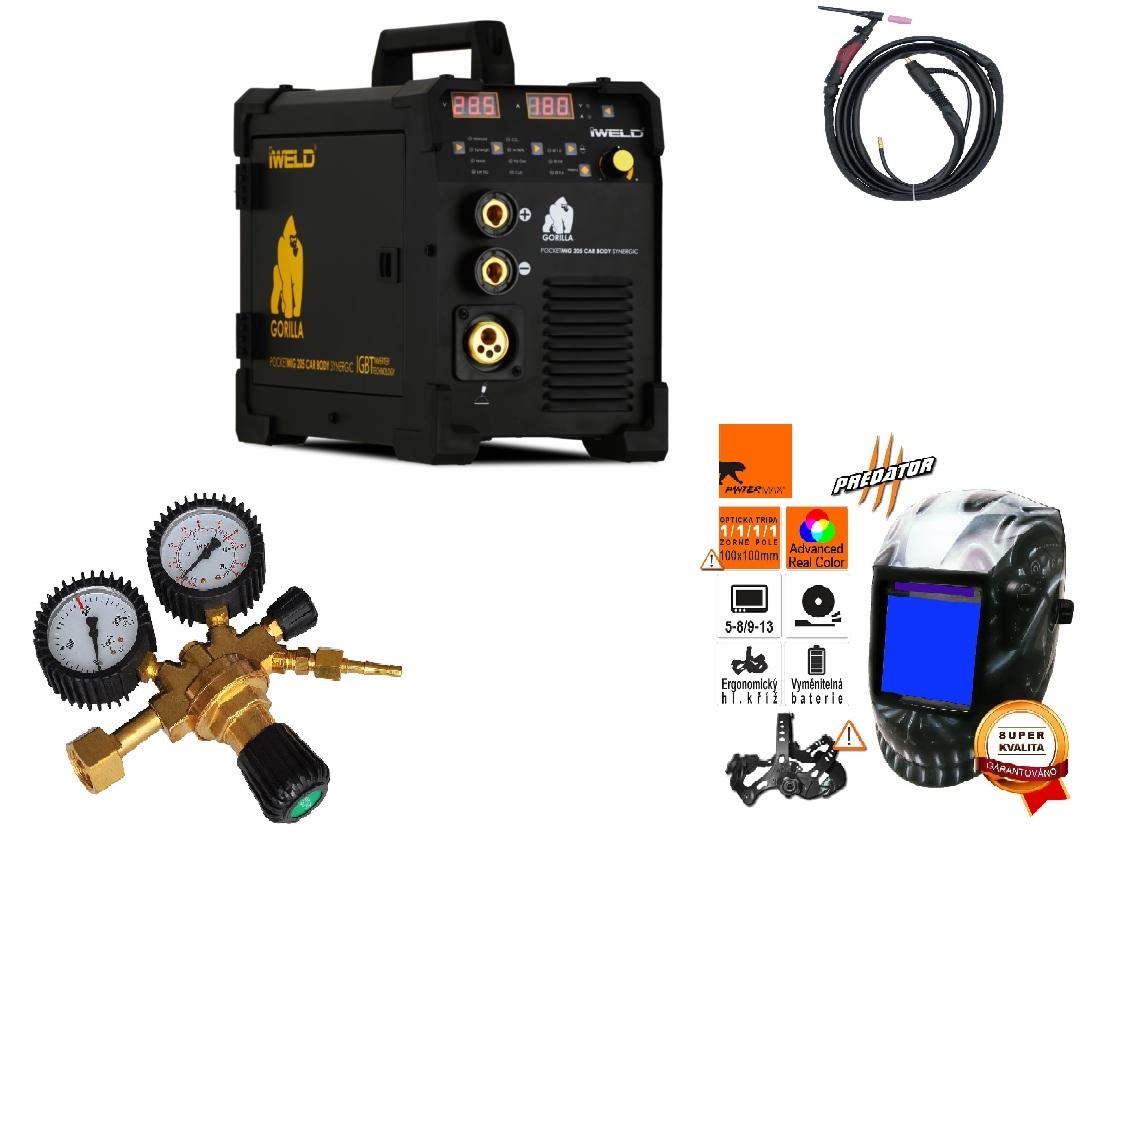 Gorilla PocketMig 205 Varianta: SET 3: svářečka s výbavou v popisu stroje + kukla profi Predátor + RV Argon + hořák TIG 4 metry výhodný SET - další příslušenství ZDARMA